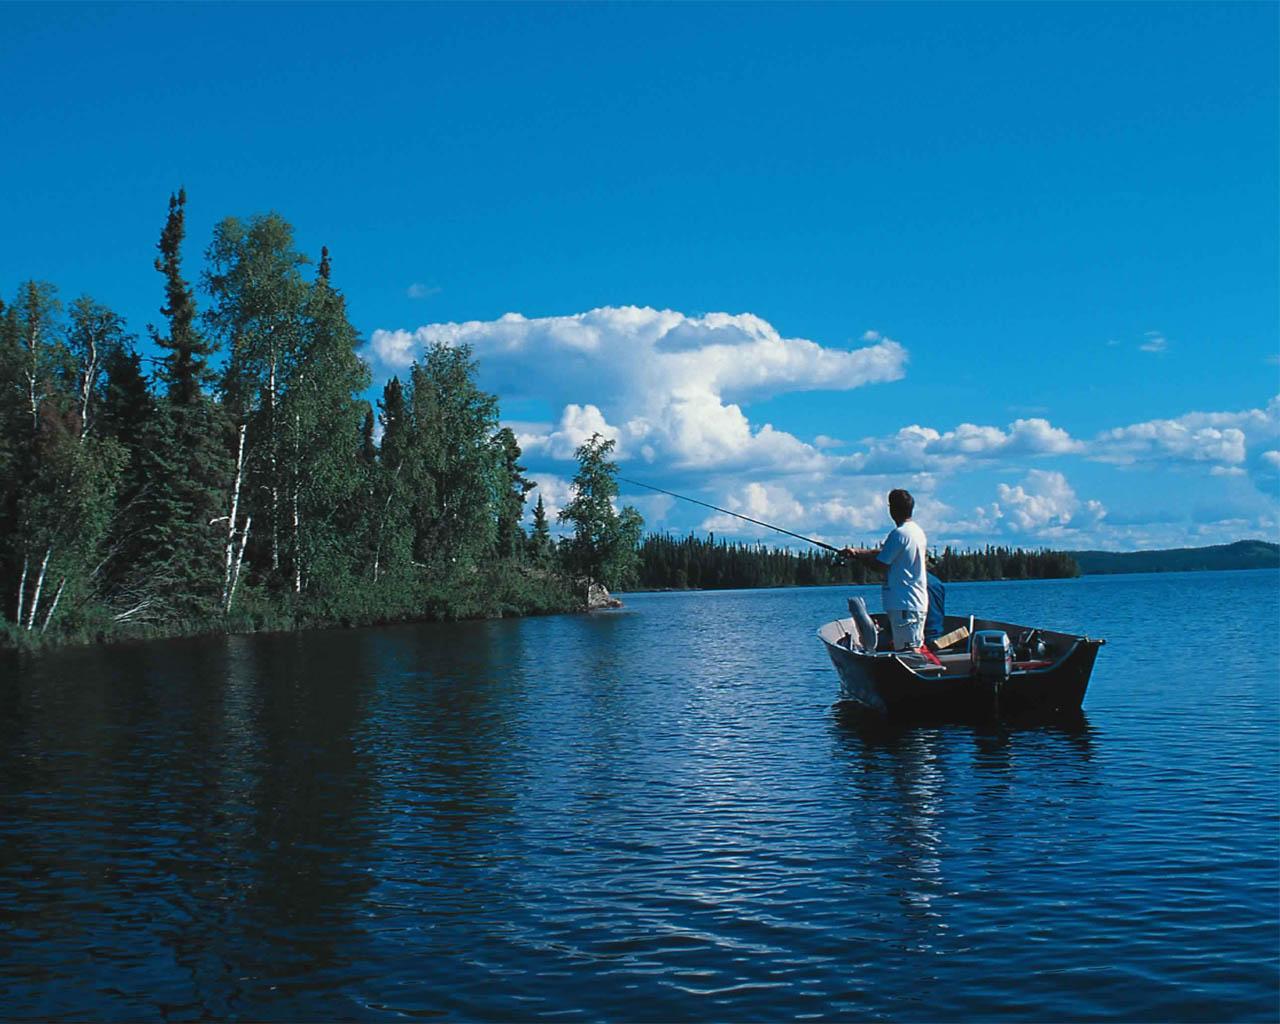 фото про рыбалку на лодке